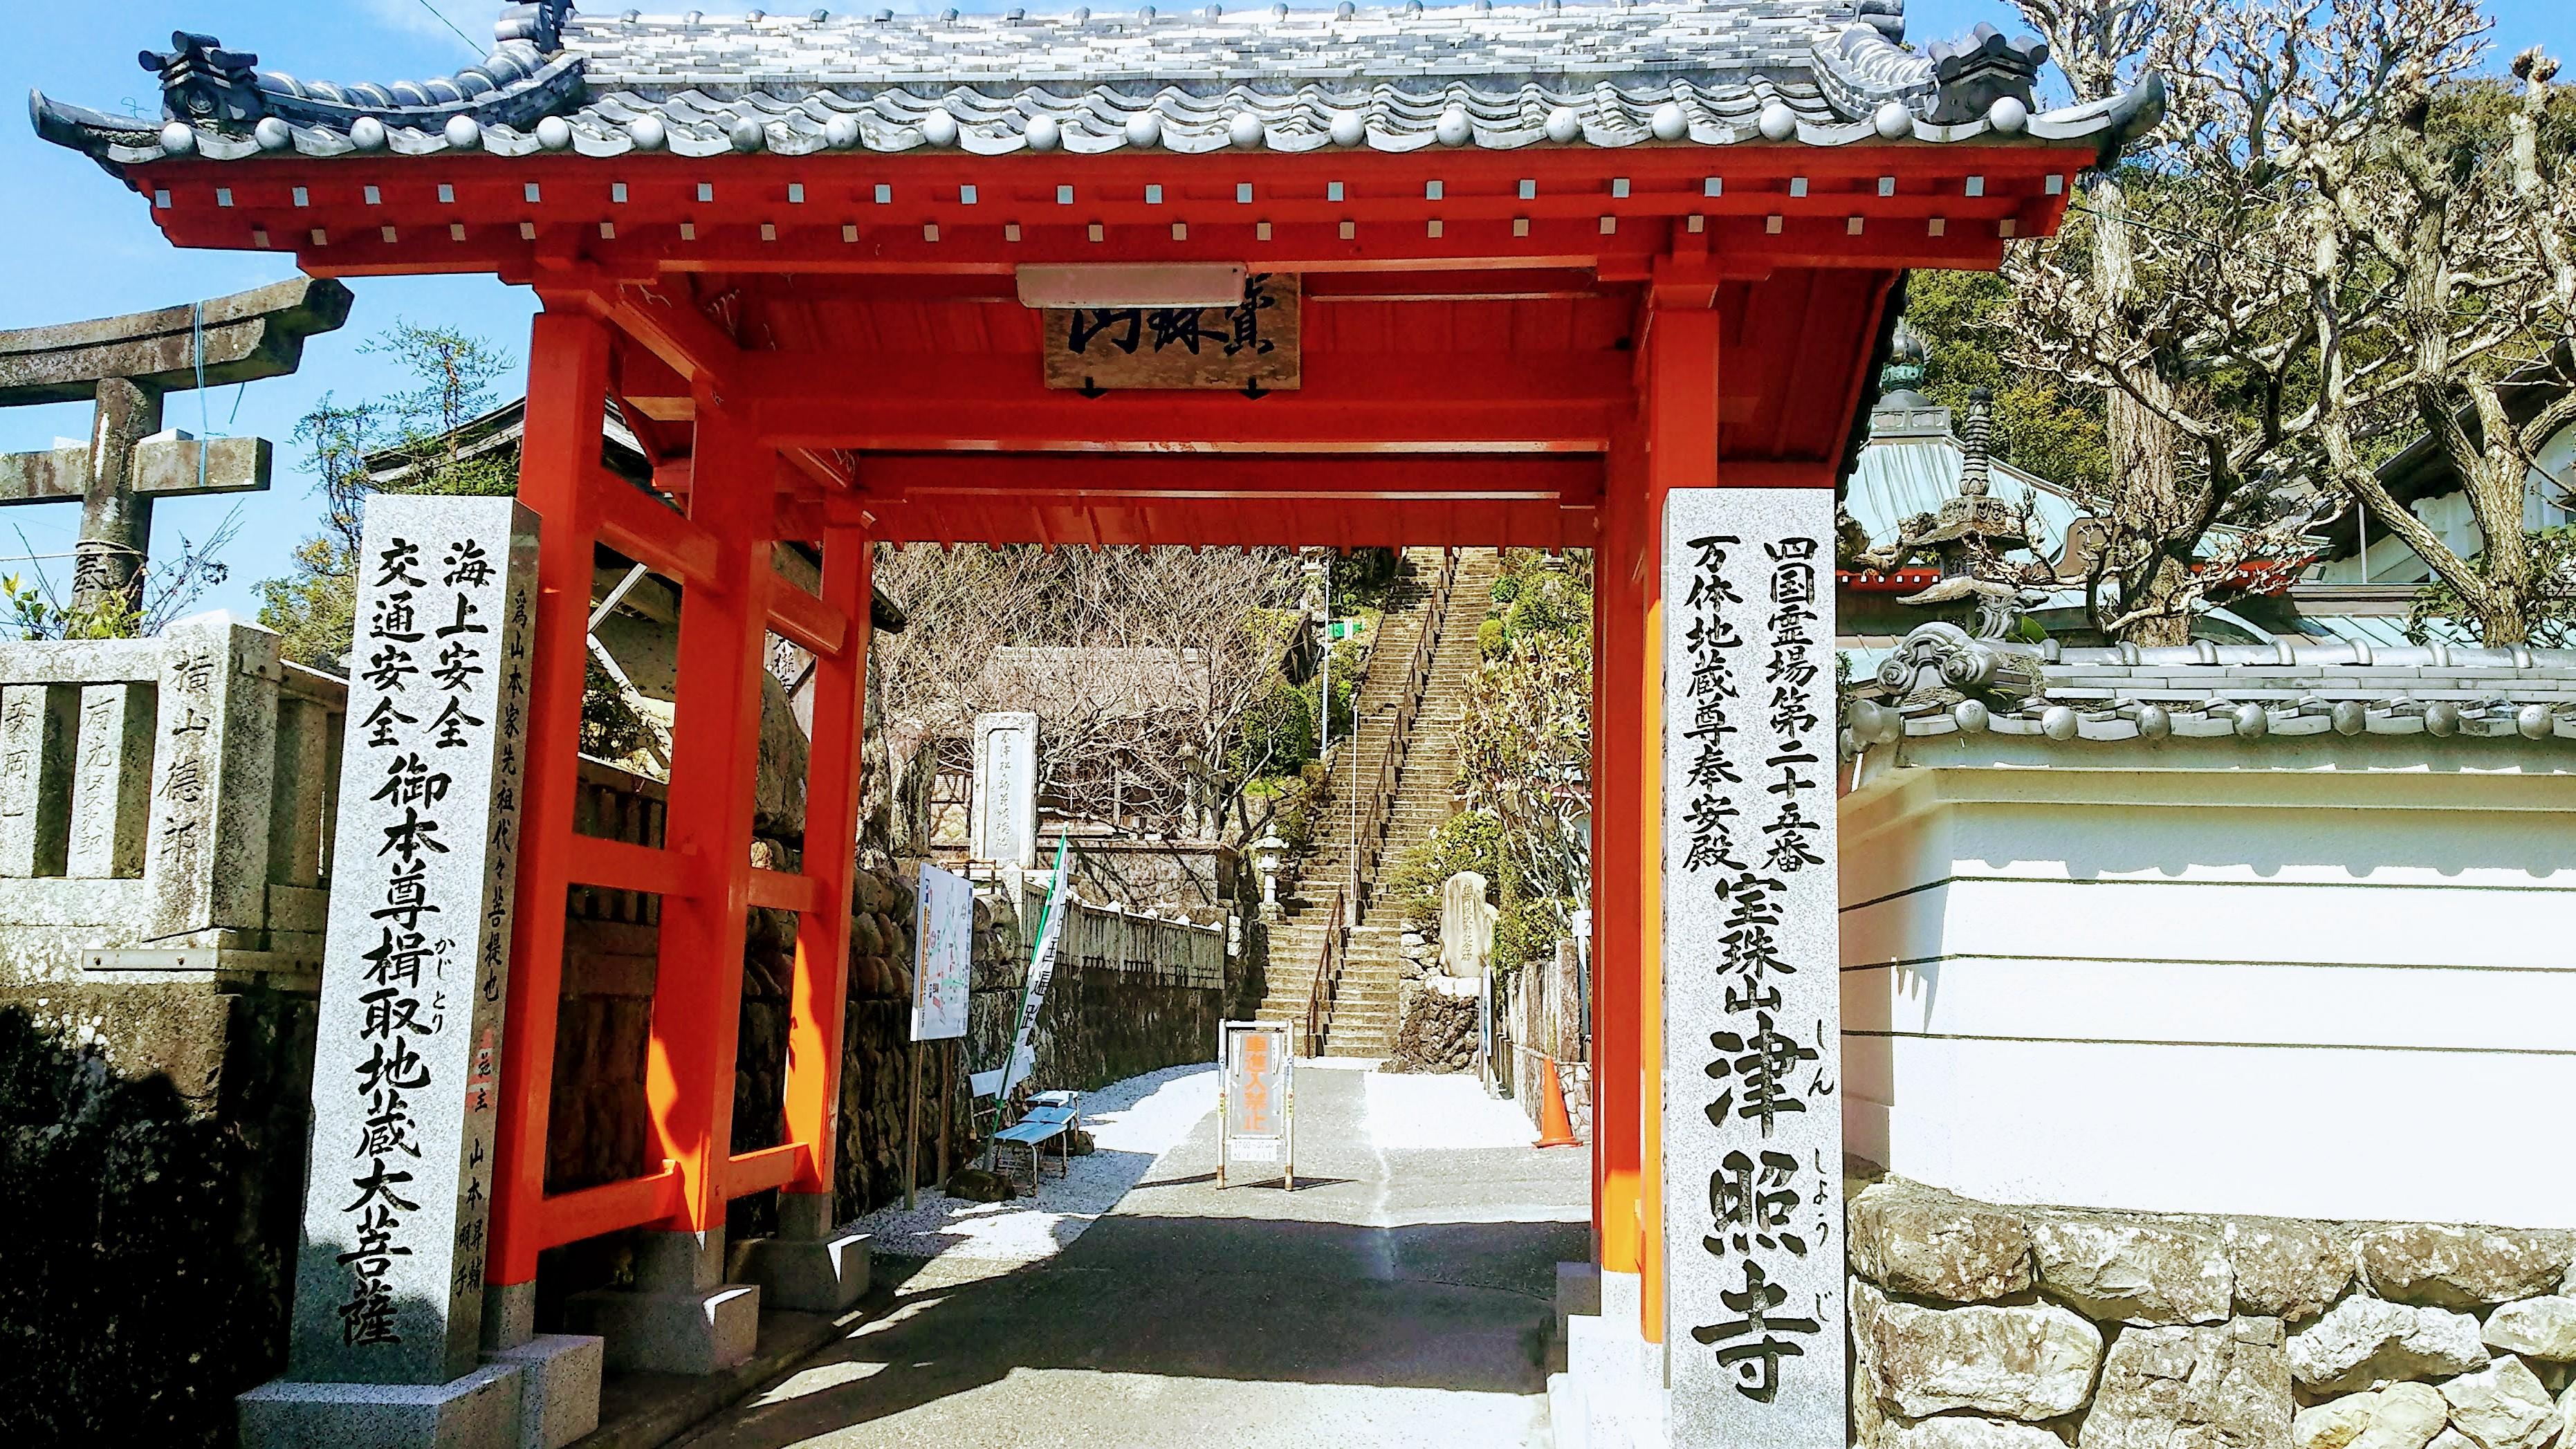 25番札所津照寺の朱塗りの門